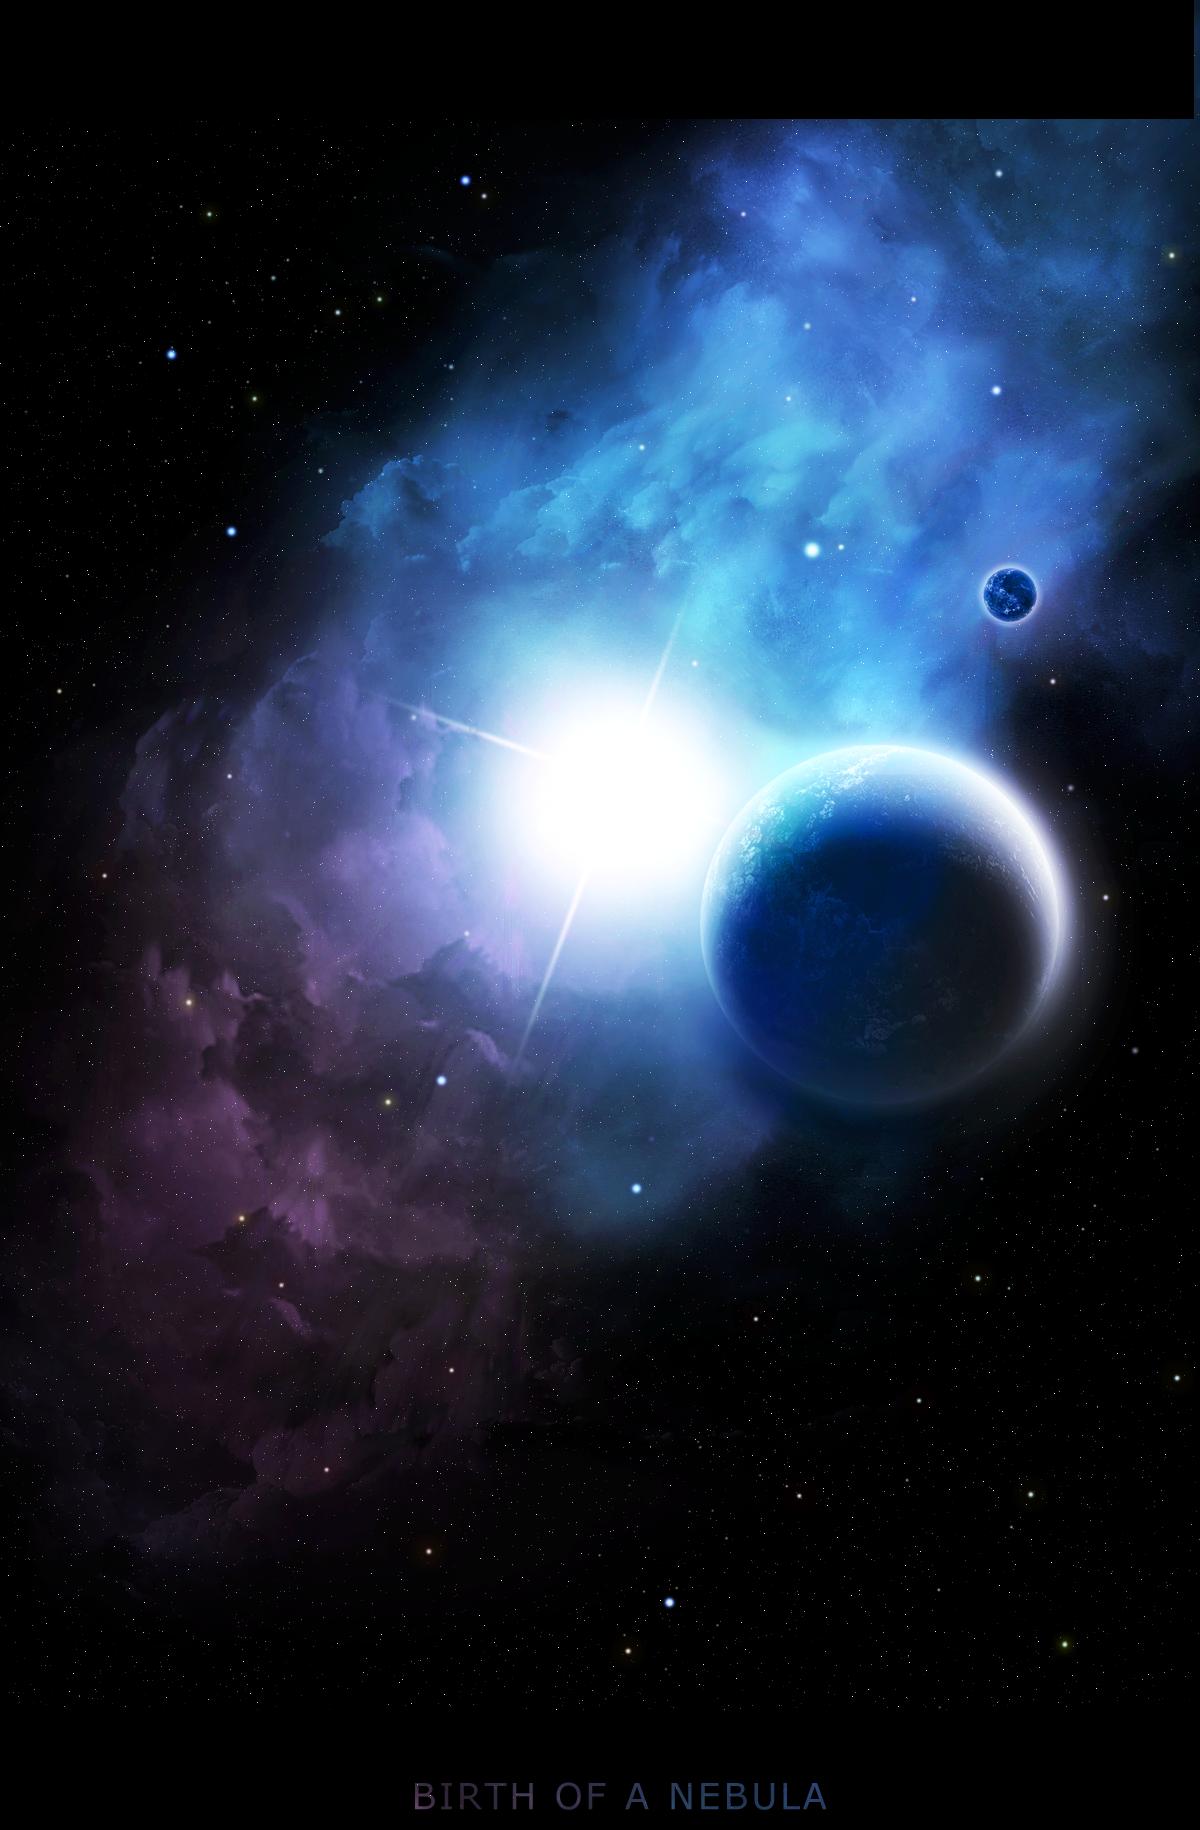 Birth of a Nebula by xXKonanandPain